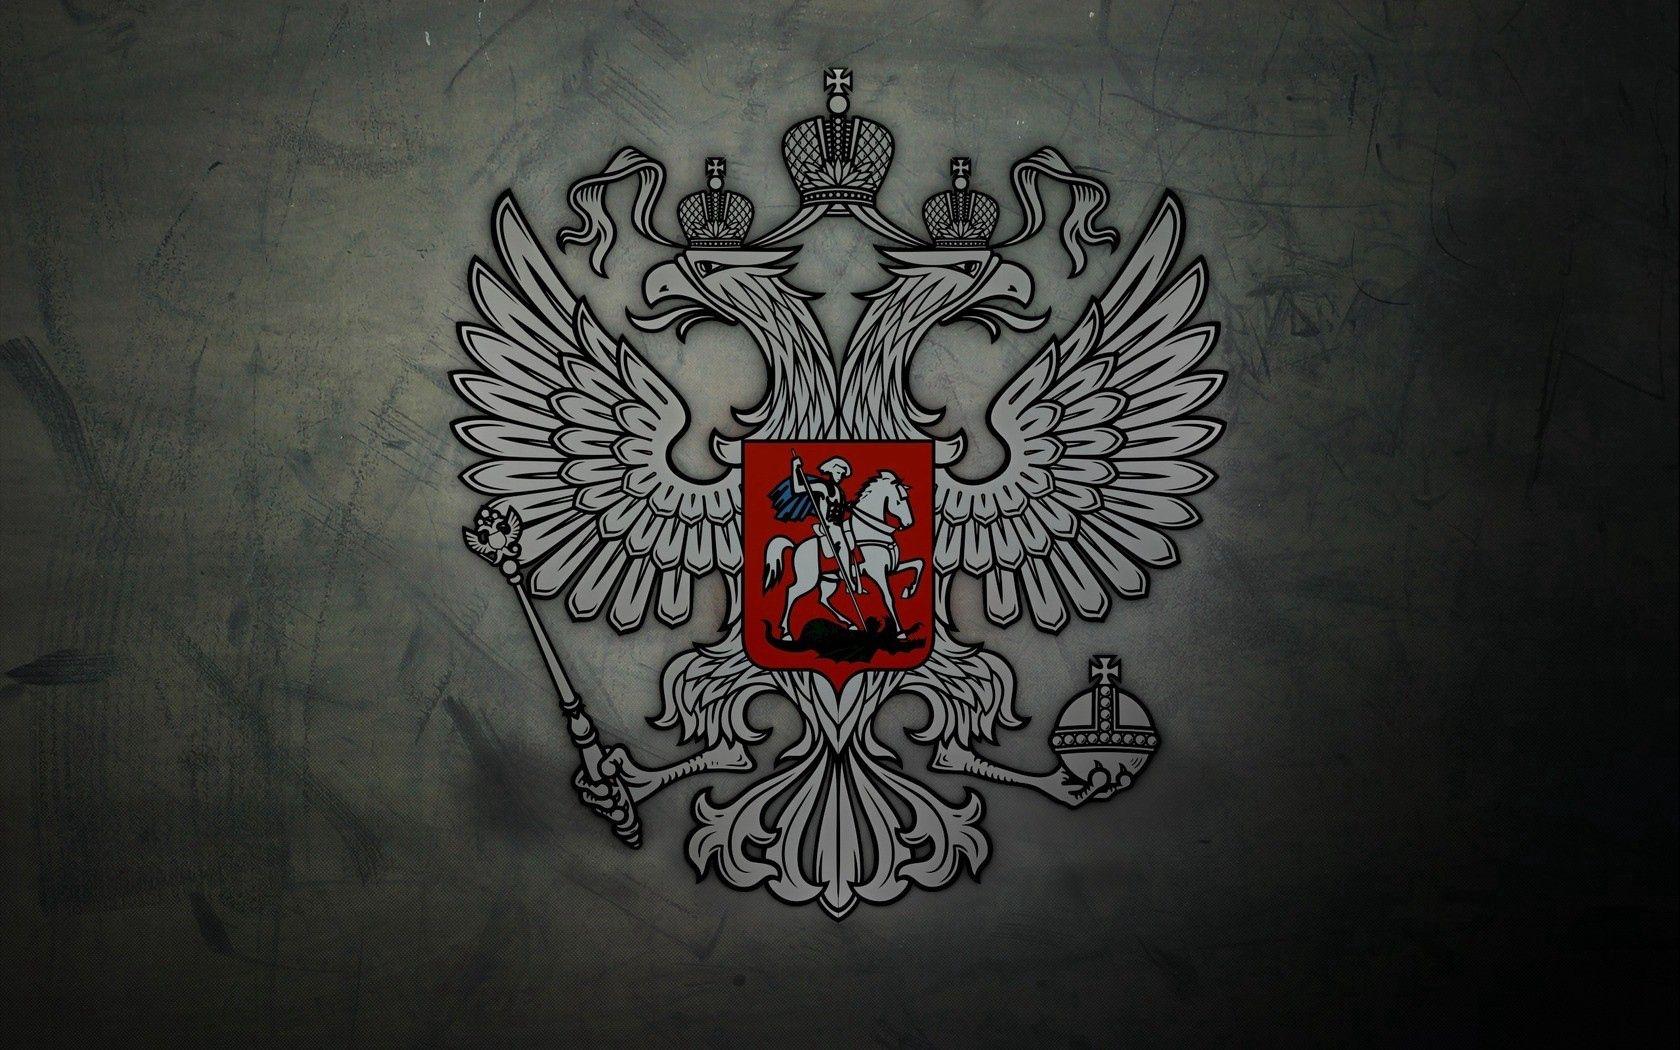 117976 обои 1080x1920 на телефон бесплатно, скачать картинки Разное, Россия, Герб, Символика, Орел 1080x1920 на мобильный